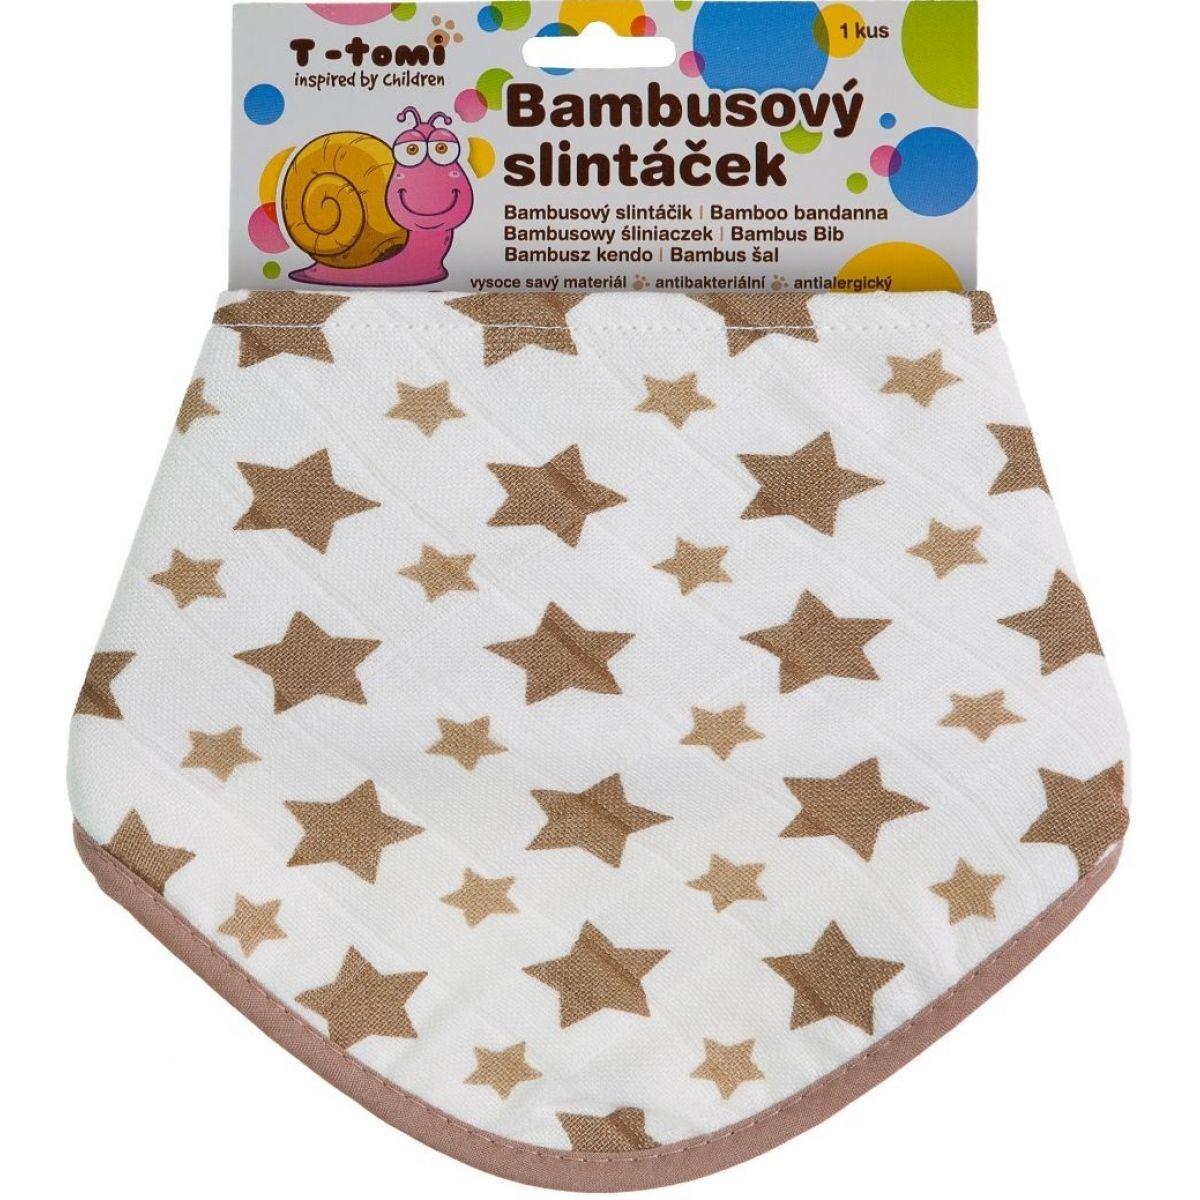 T-tomi Bambusový BIO slintáček 1 ks Béžové hvězdičky